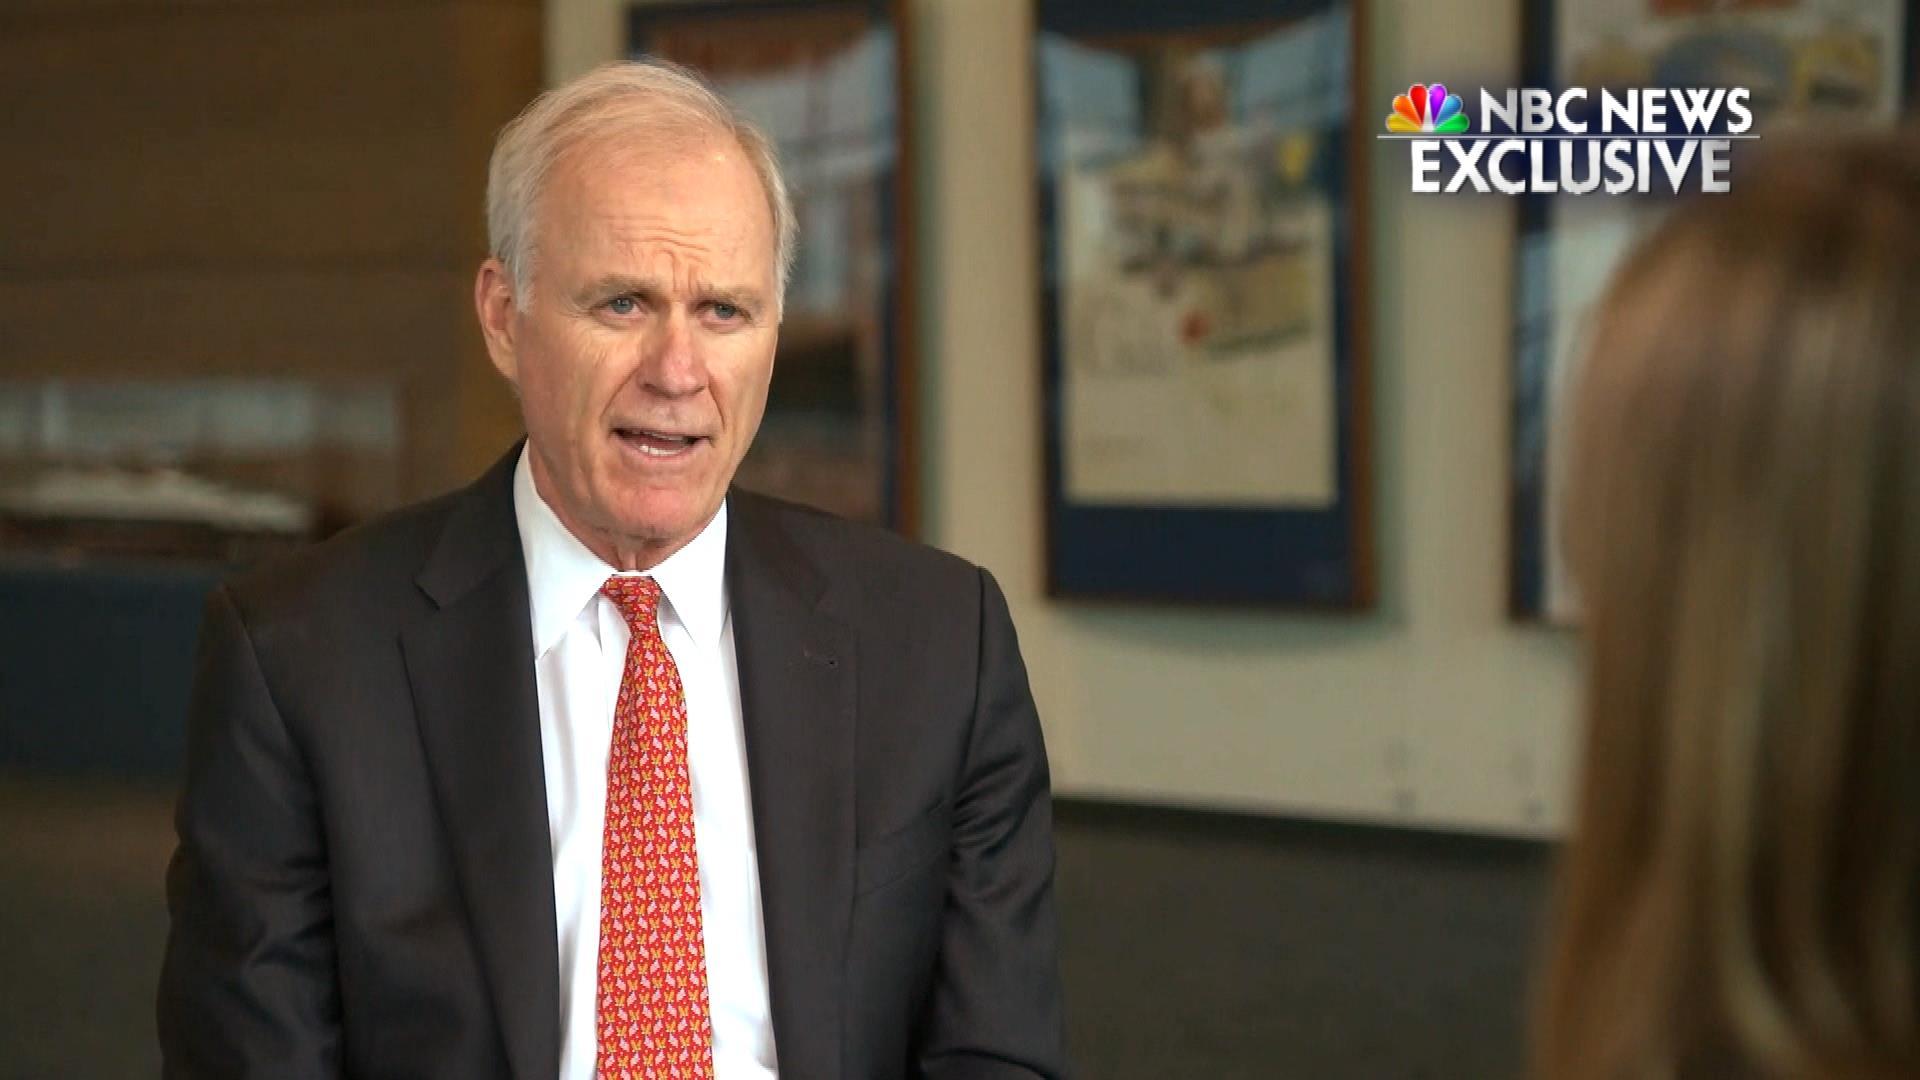 Trump's former Navy Secretary Richard Spencer will endorse Mike Bloomberg for president